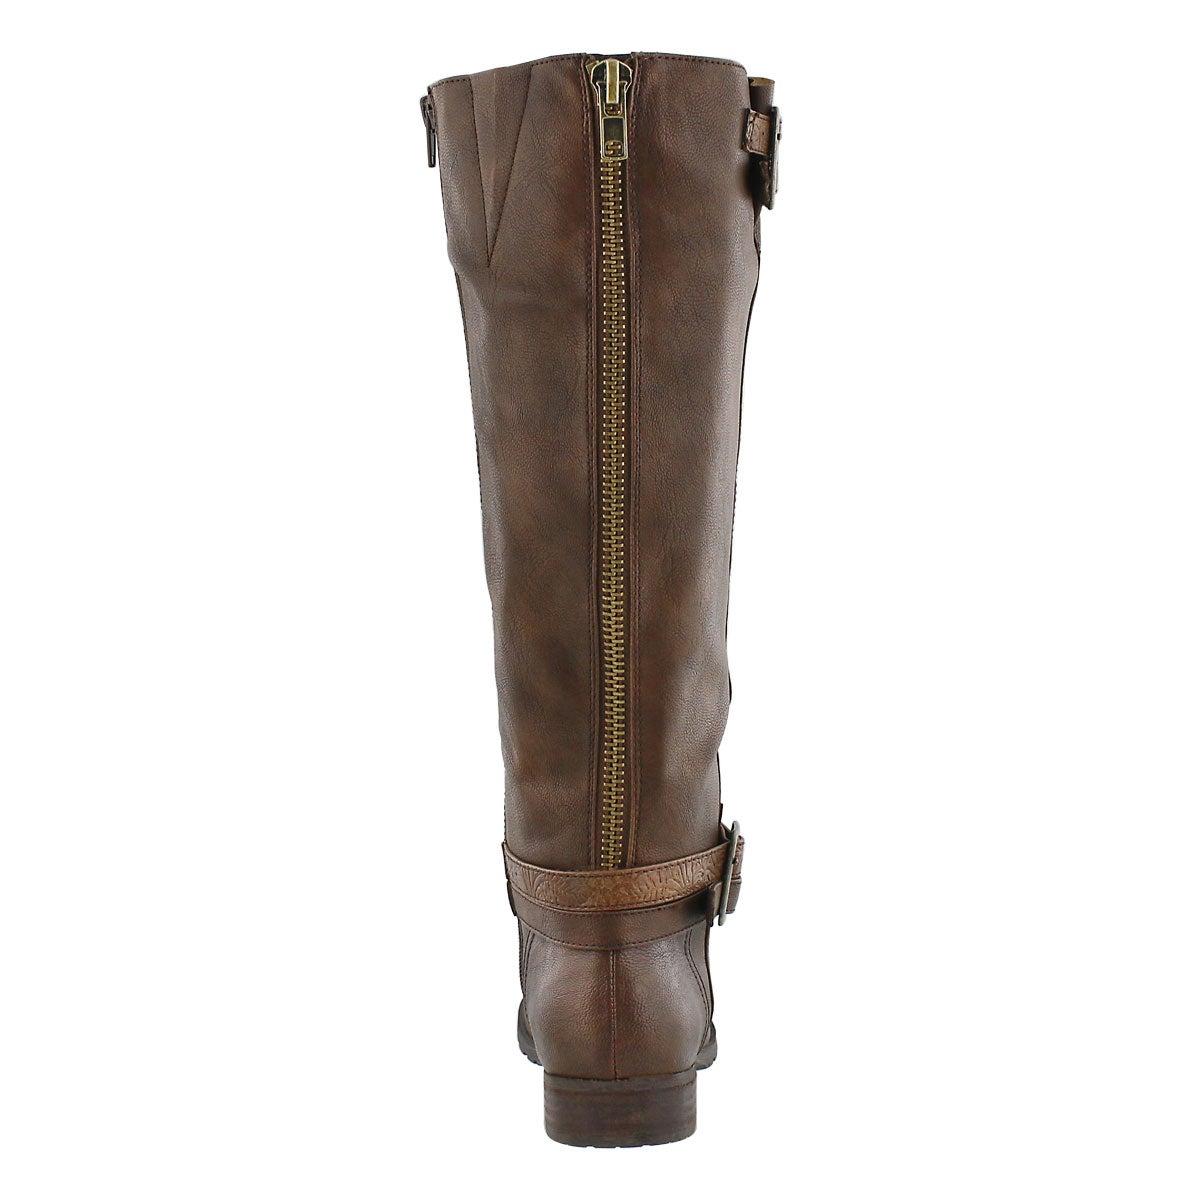 Lds Blixi II cognac riding boot